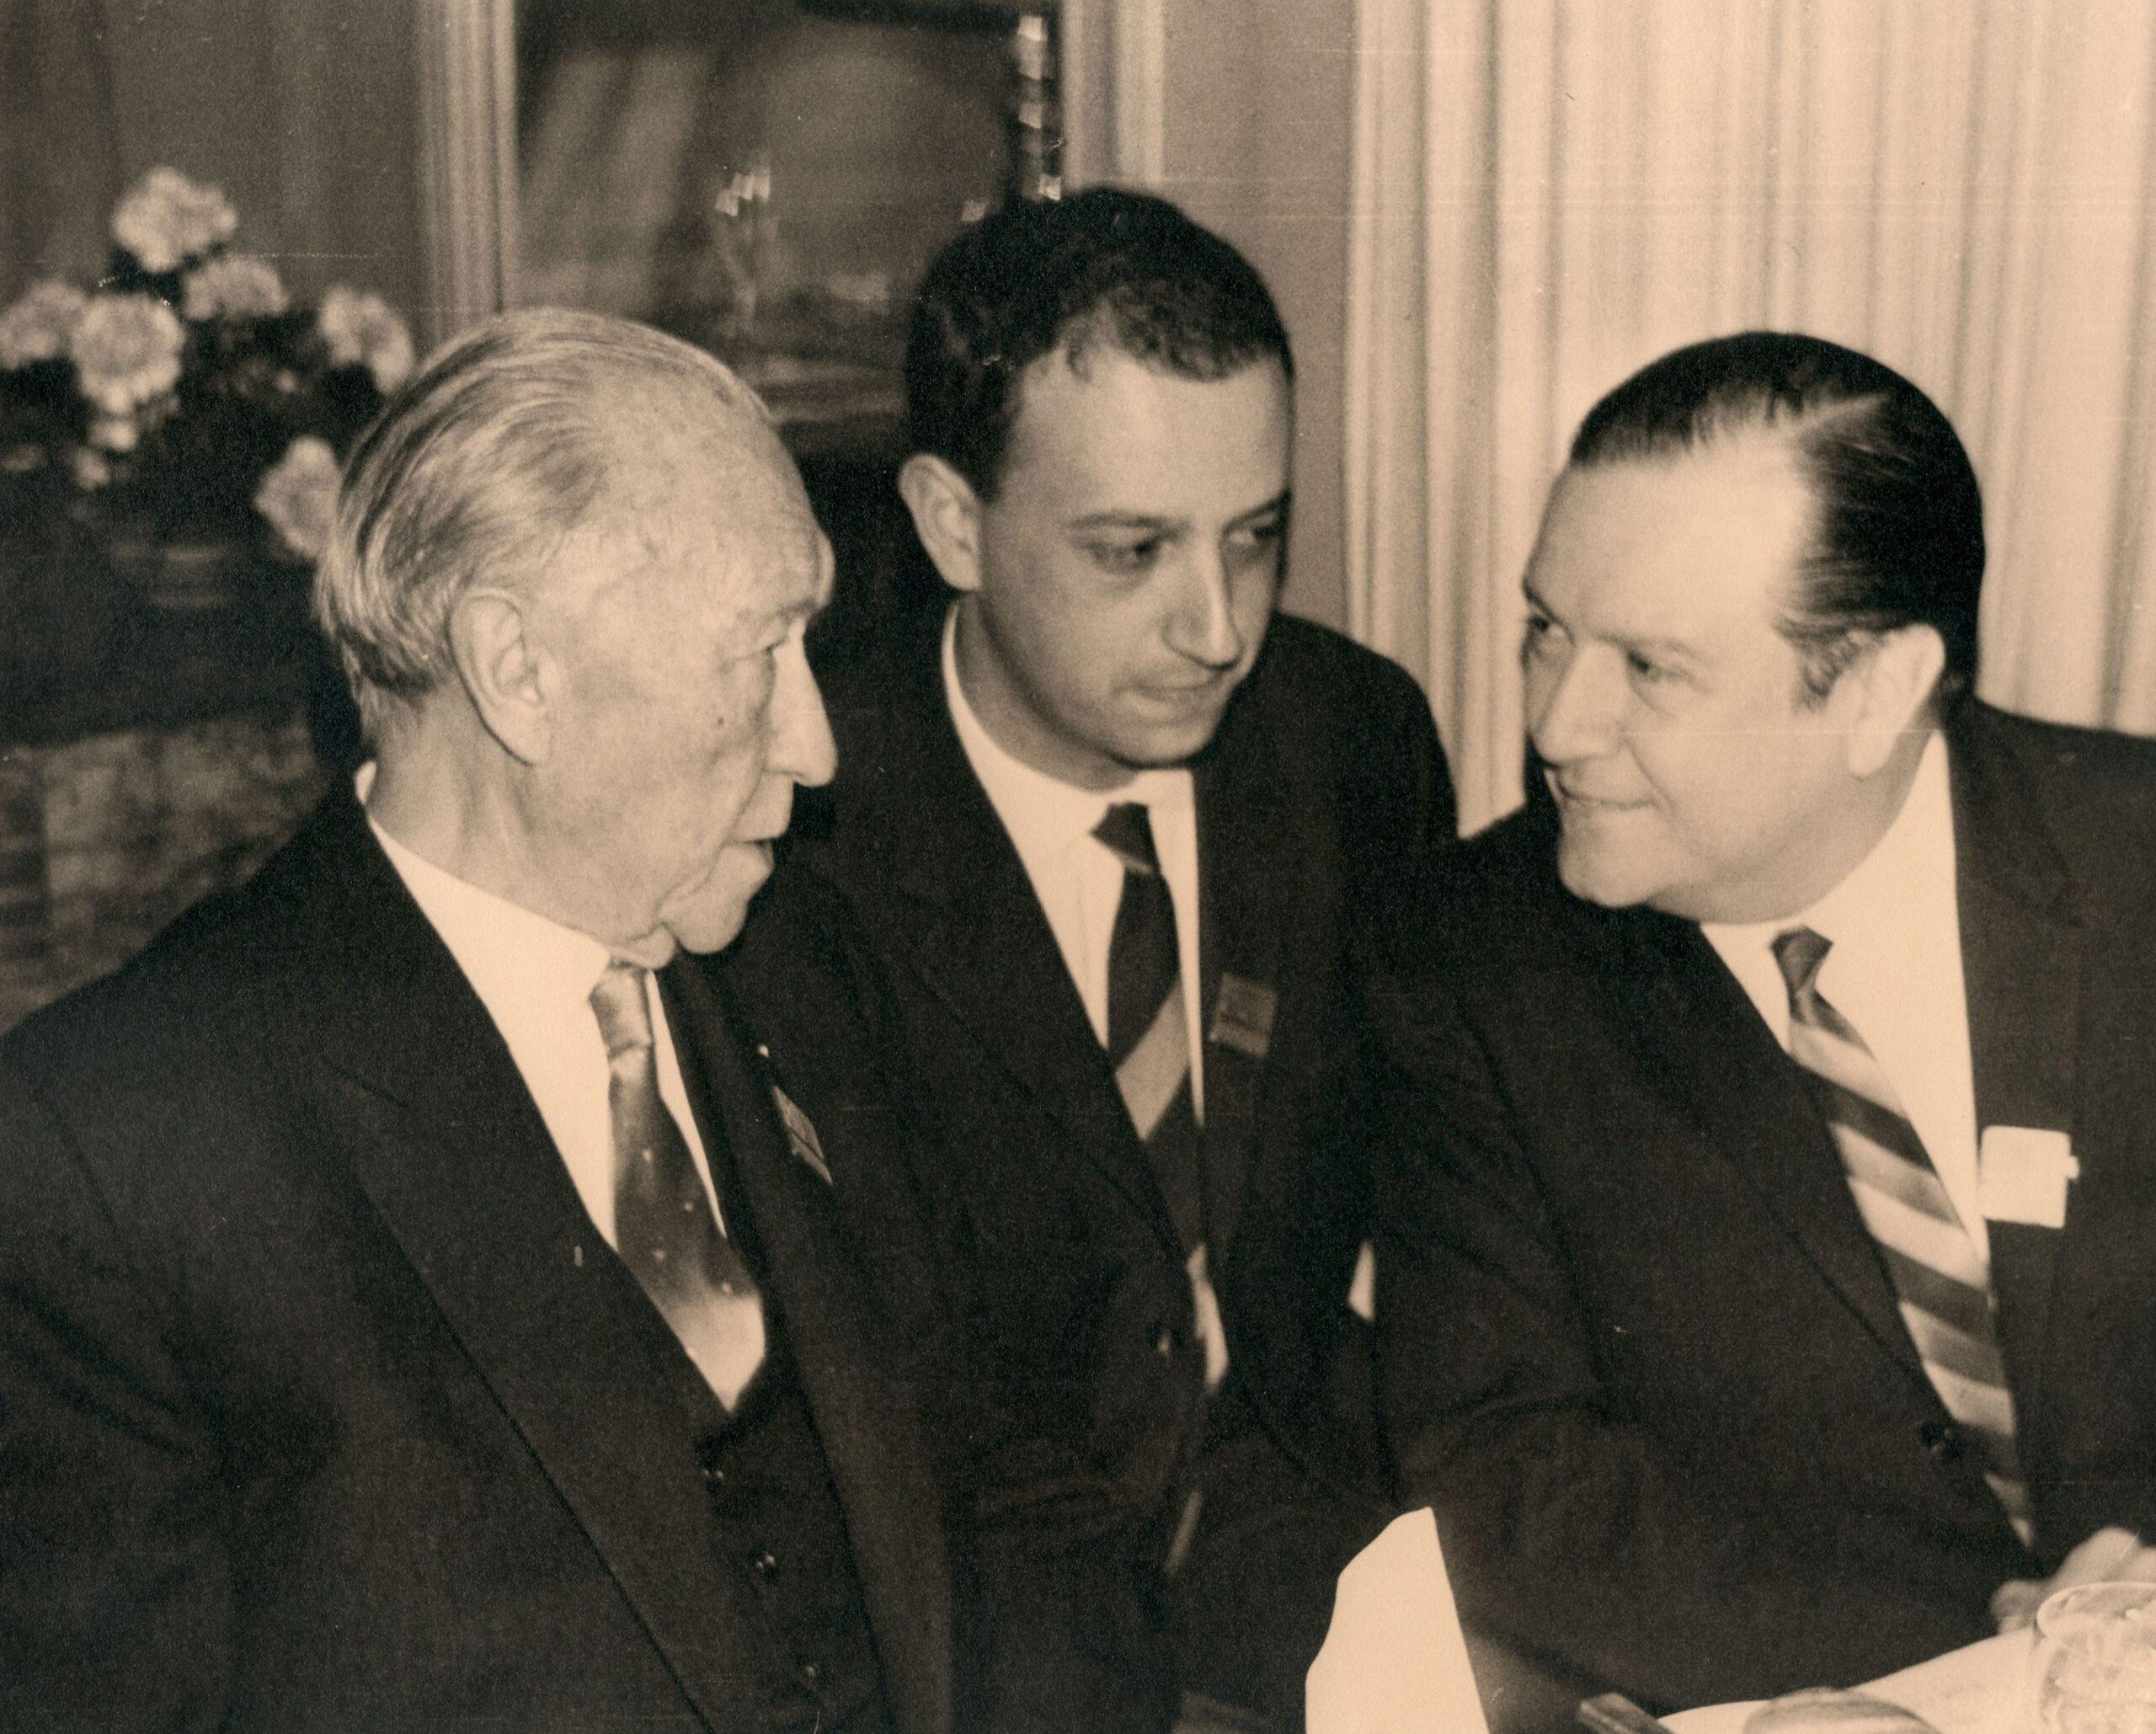 1967. Abril, 21. El Nacional: «El Viejo» ha muerto de pie